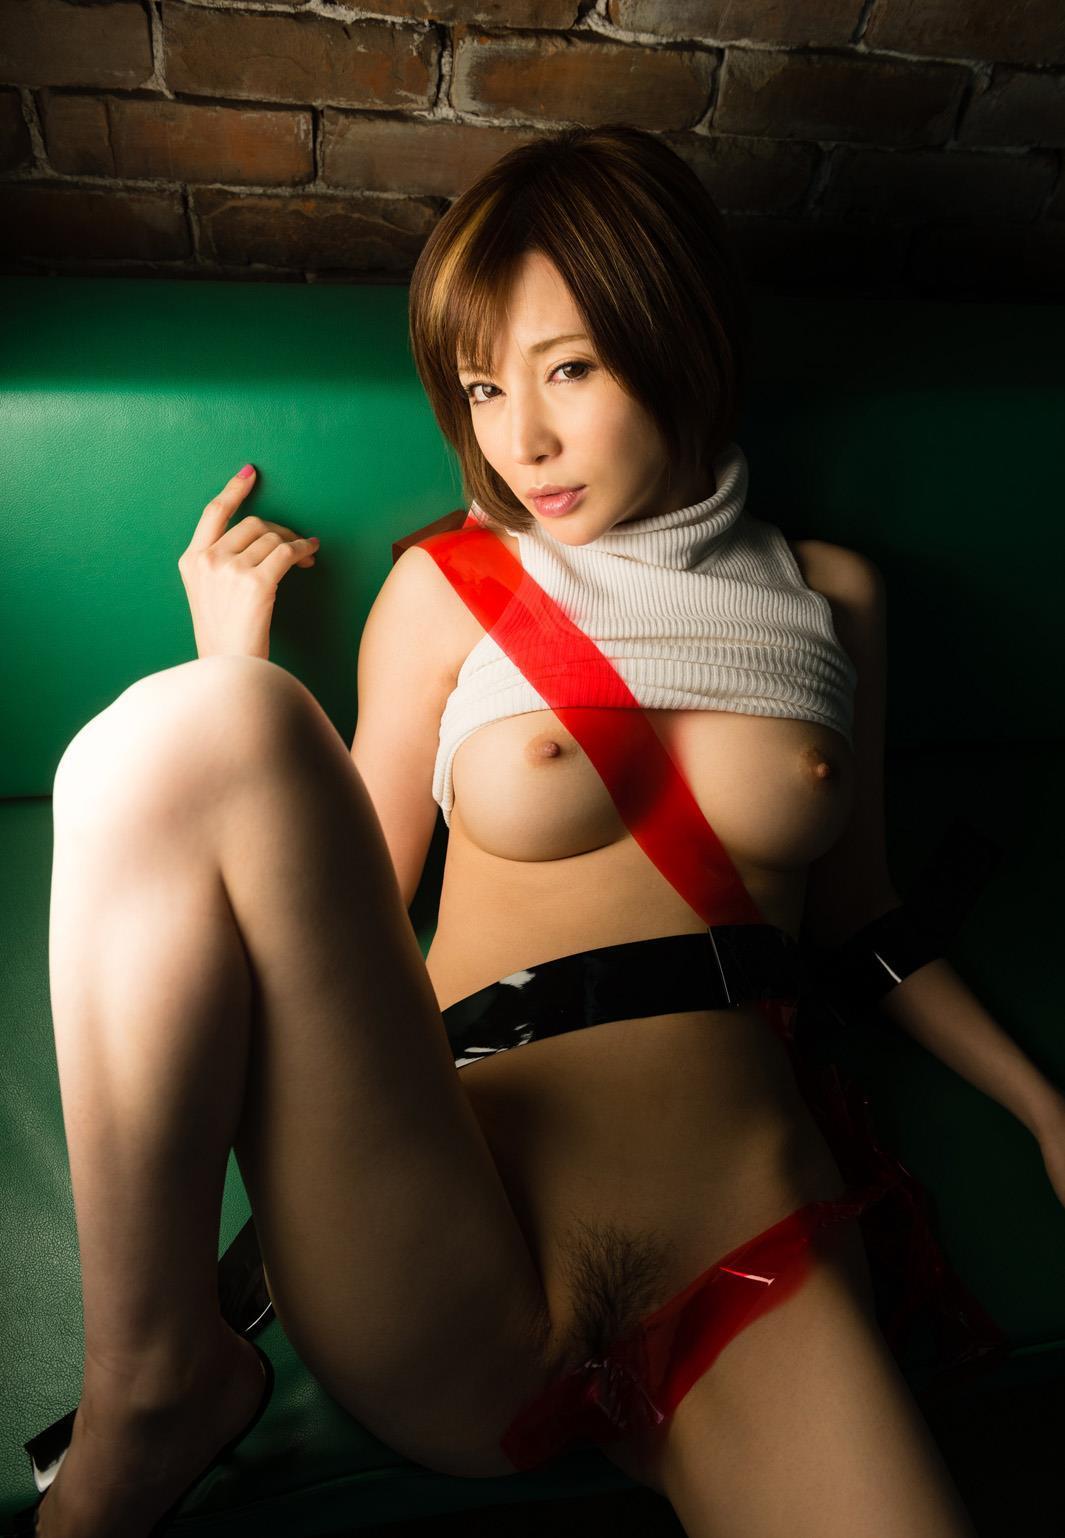 里美ゆりあ(小泉彩) ヌード画像 54